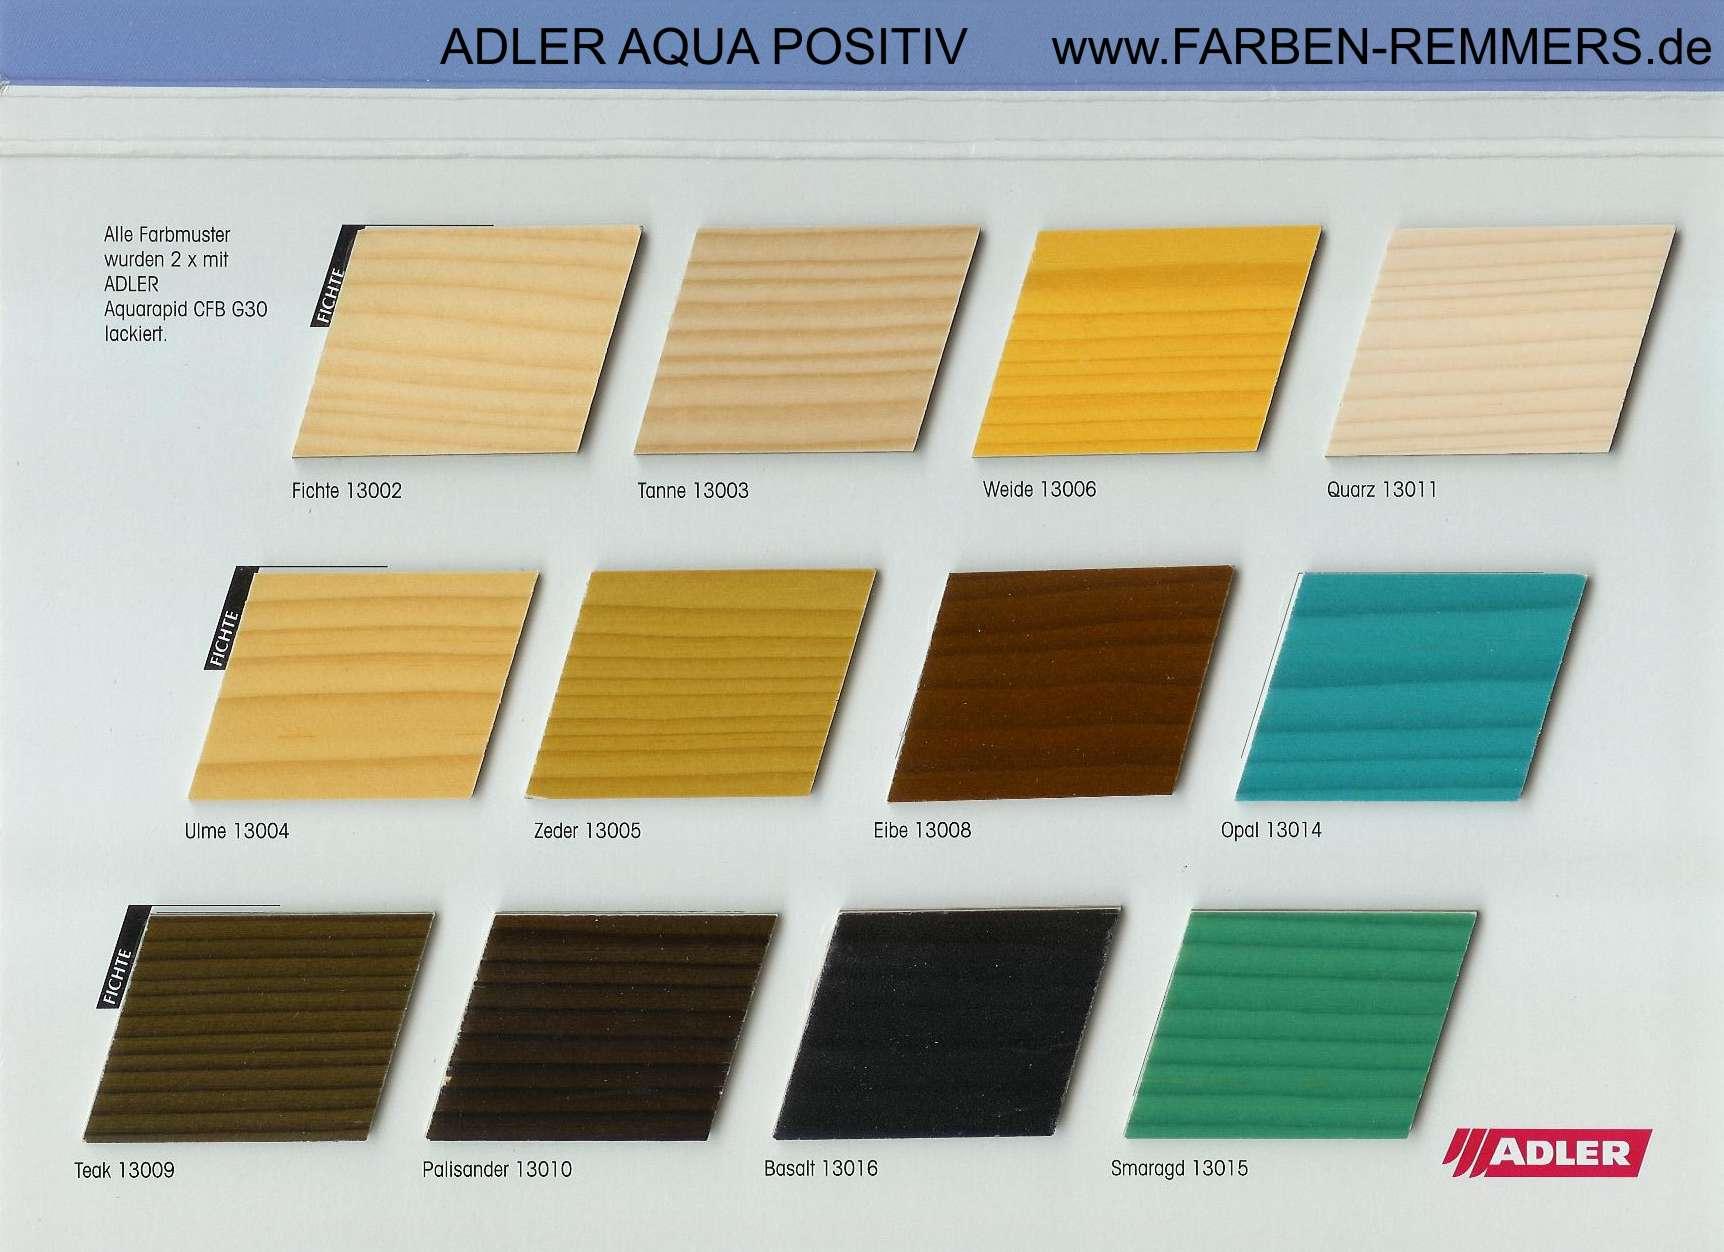 adler aqua-positiv wasserbeizen - www.farben-remmers.de